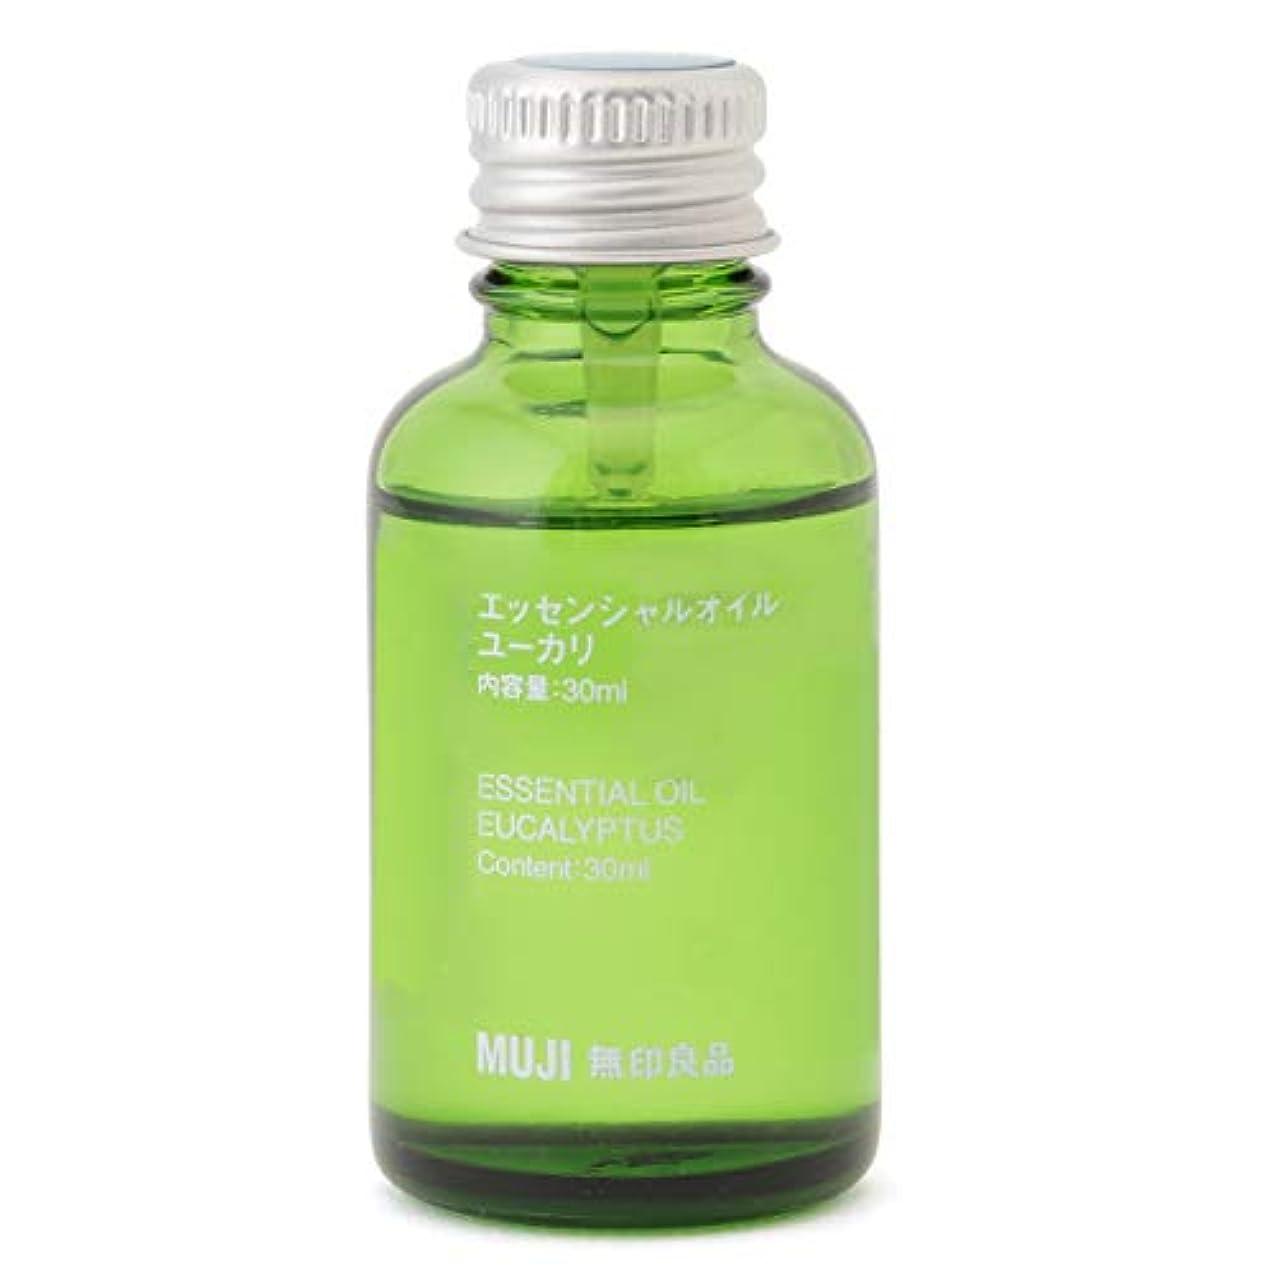 【無印良品】エッセンシャルオイル30ml(ユーカリ)